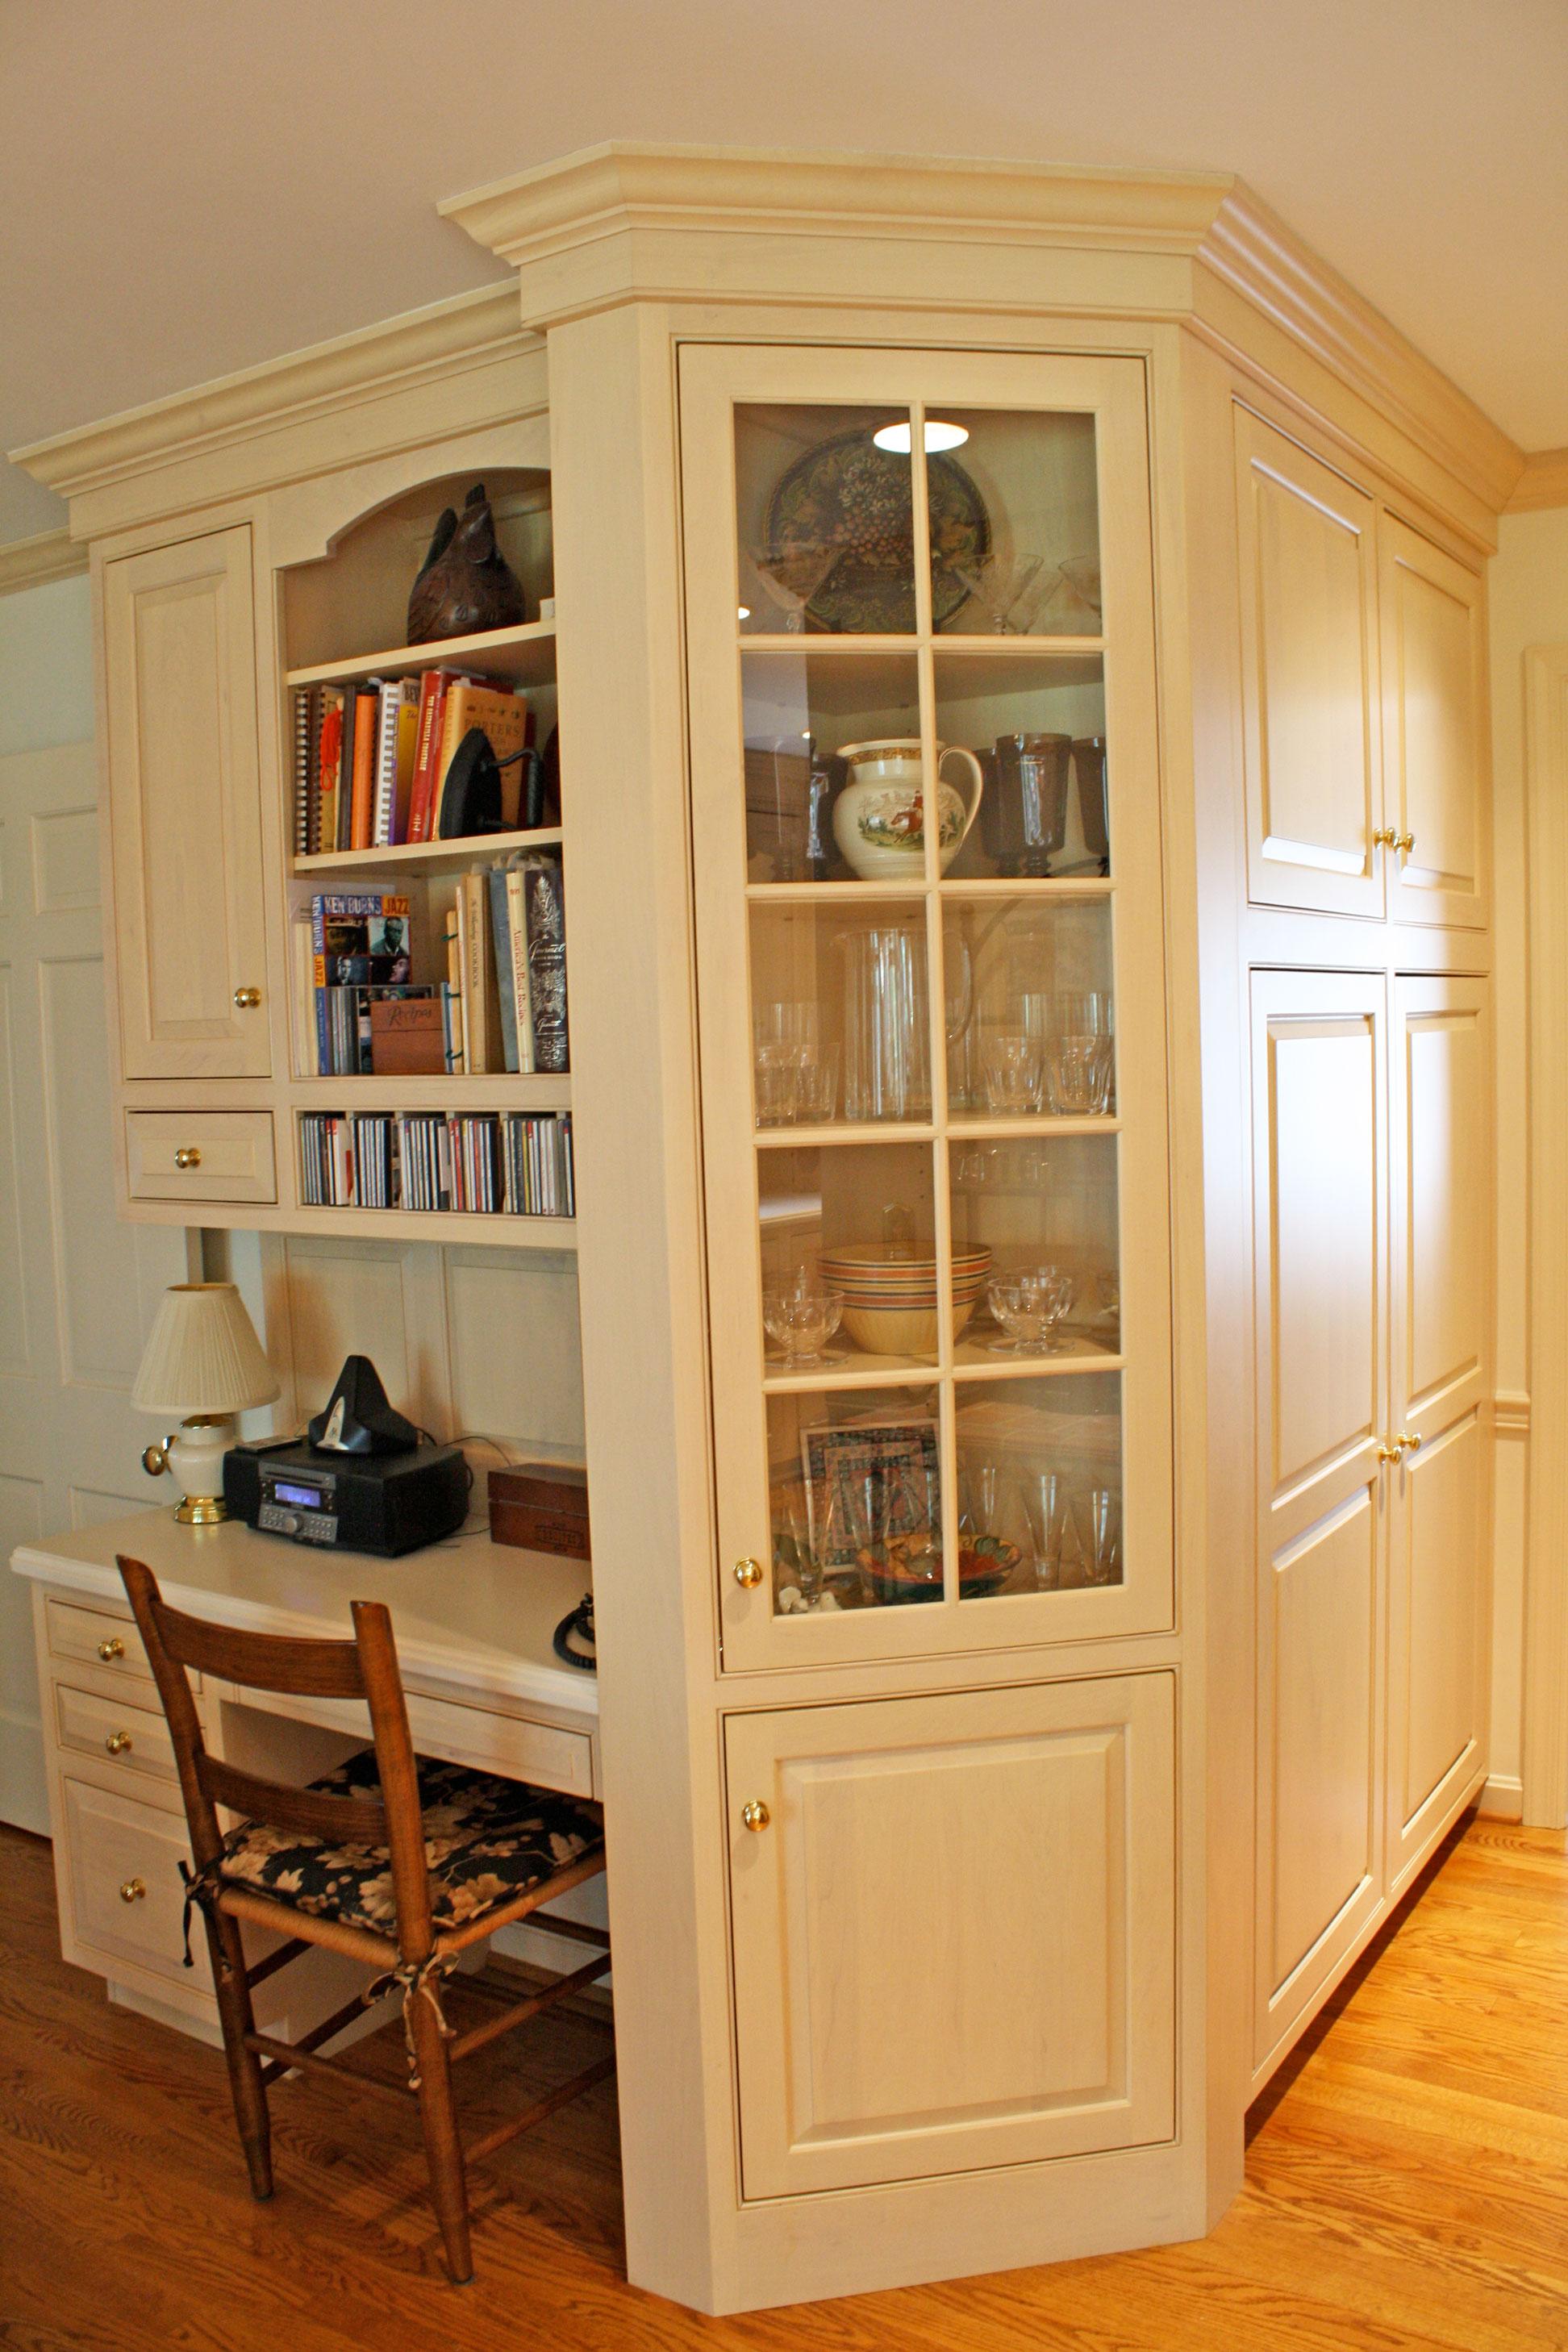 kitchen-beige-cabinets-desk-area.jpg